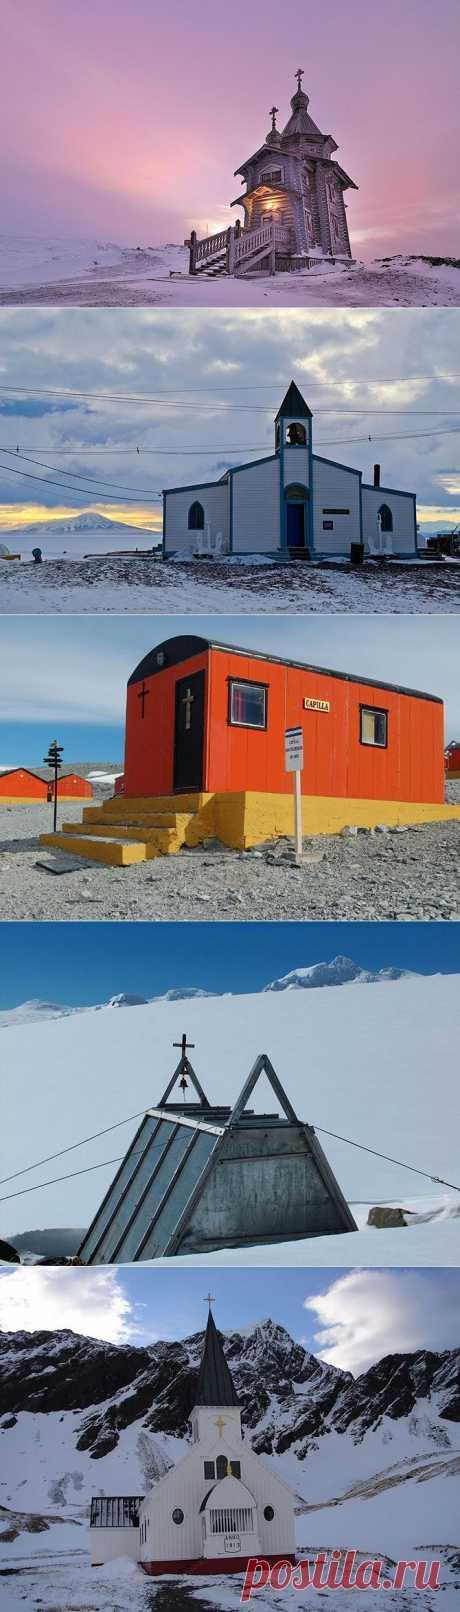 Церкви Антарктиды / Туристический спутник